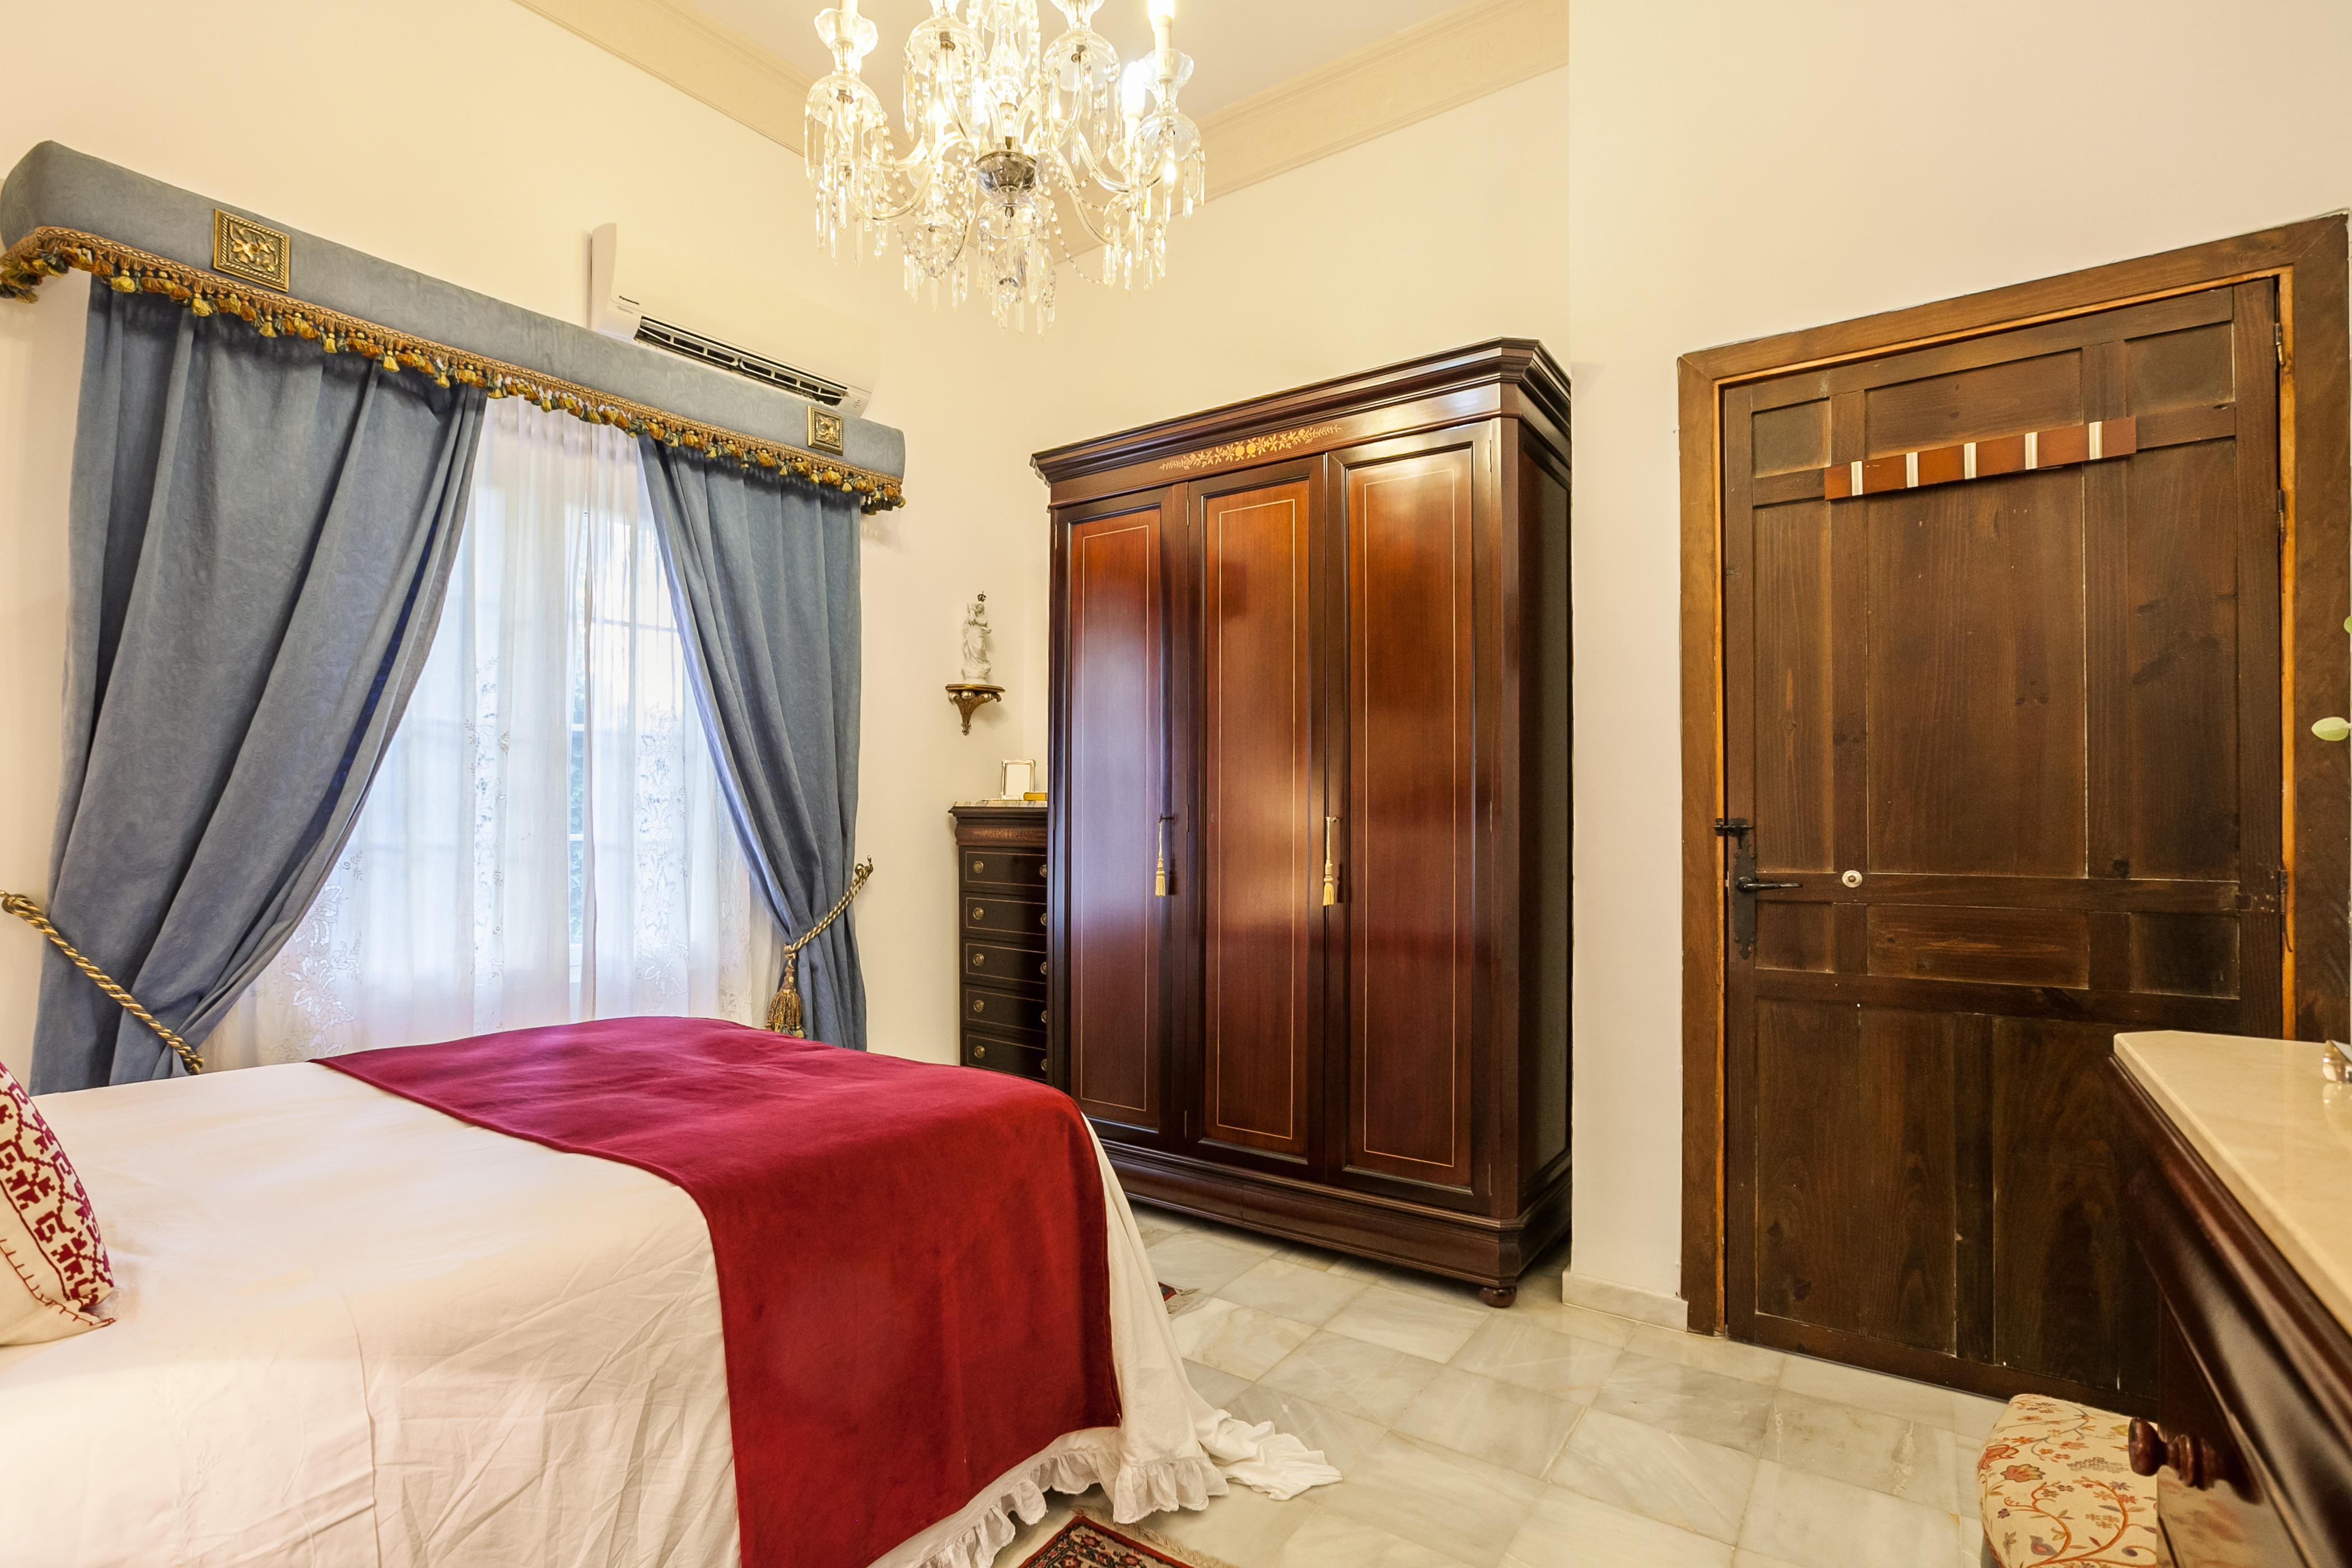 Ferienhaus Herrenhaus im Zentrum von Sevilla, neben den rmischen Herkules-sulen Wifi, A (2628854), Sevilla, Sevilla, Andalusien, Spanien, Bild 22